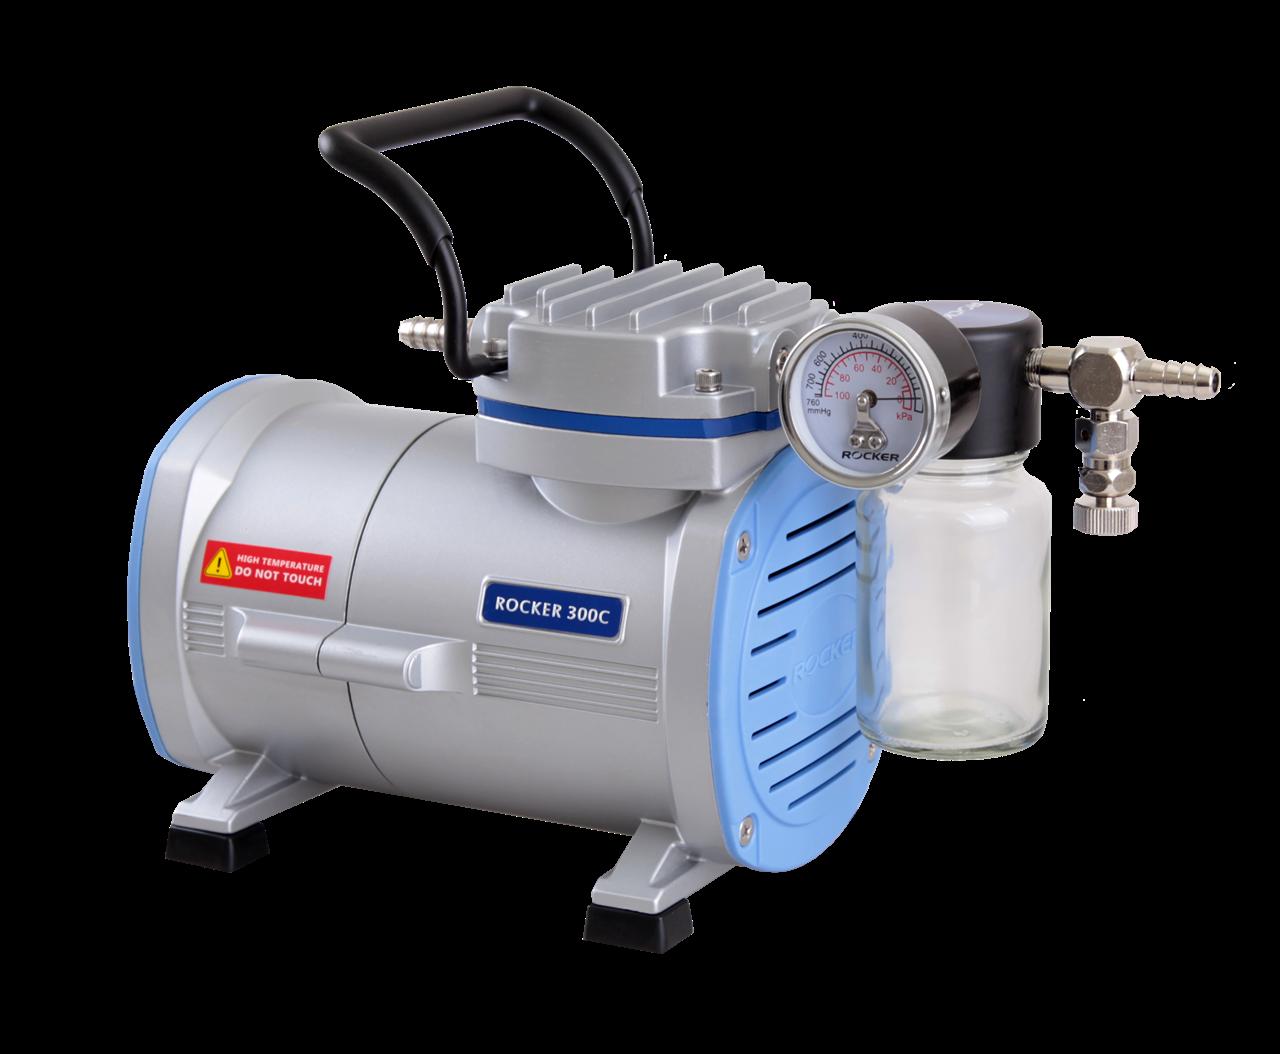 洛科仪器 Rocker 300C PTFE 鍍膜耐腐蝕真空泵